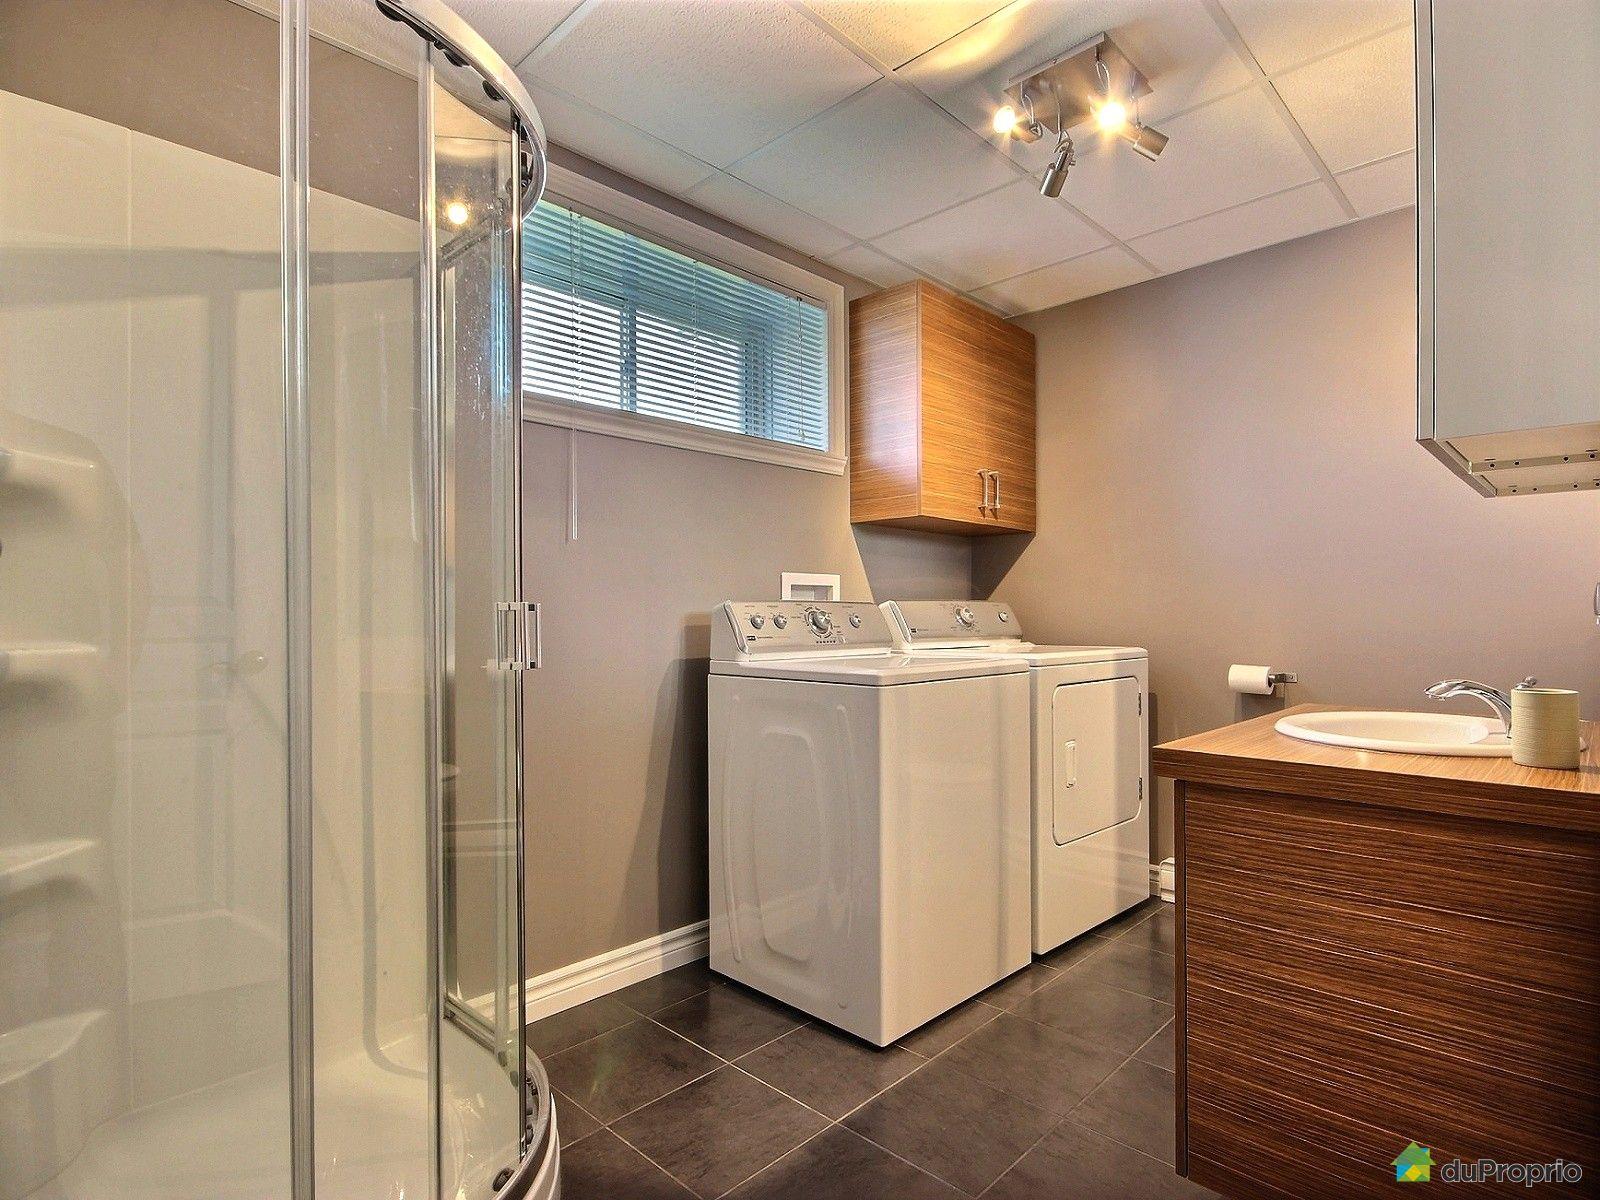 Jumel vendu val b lair immobilier qu bec duproprio for Plomberie sous sol salle de bain